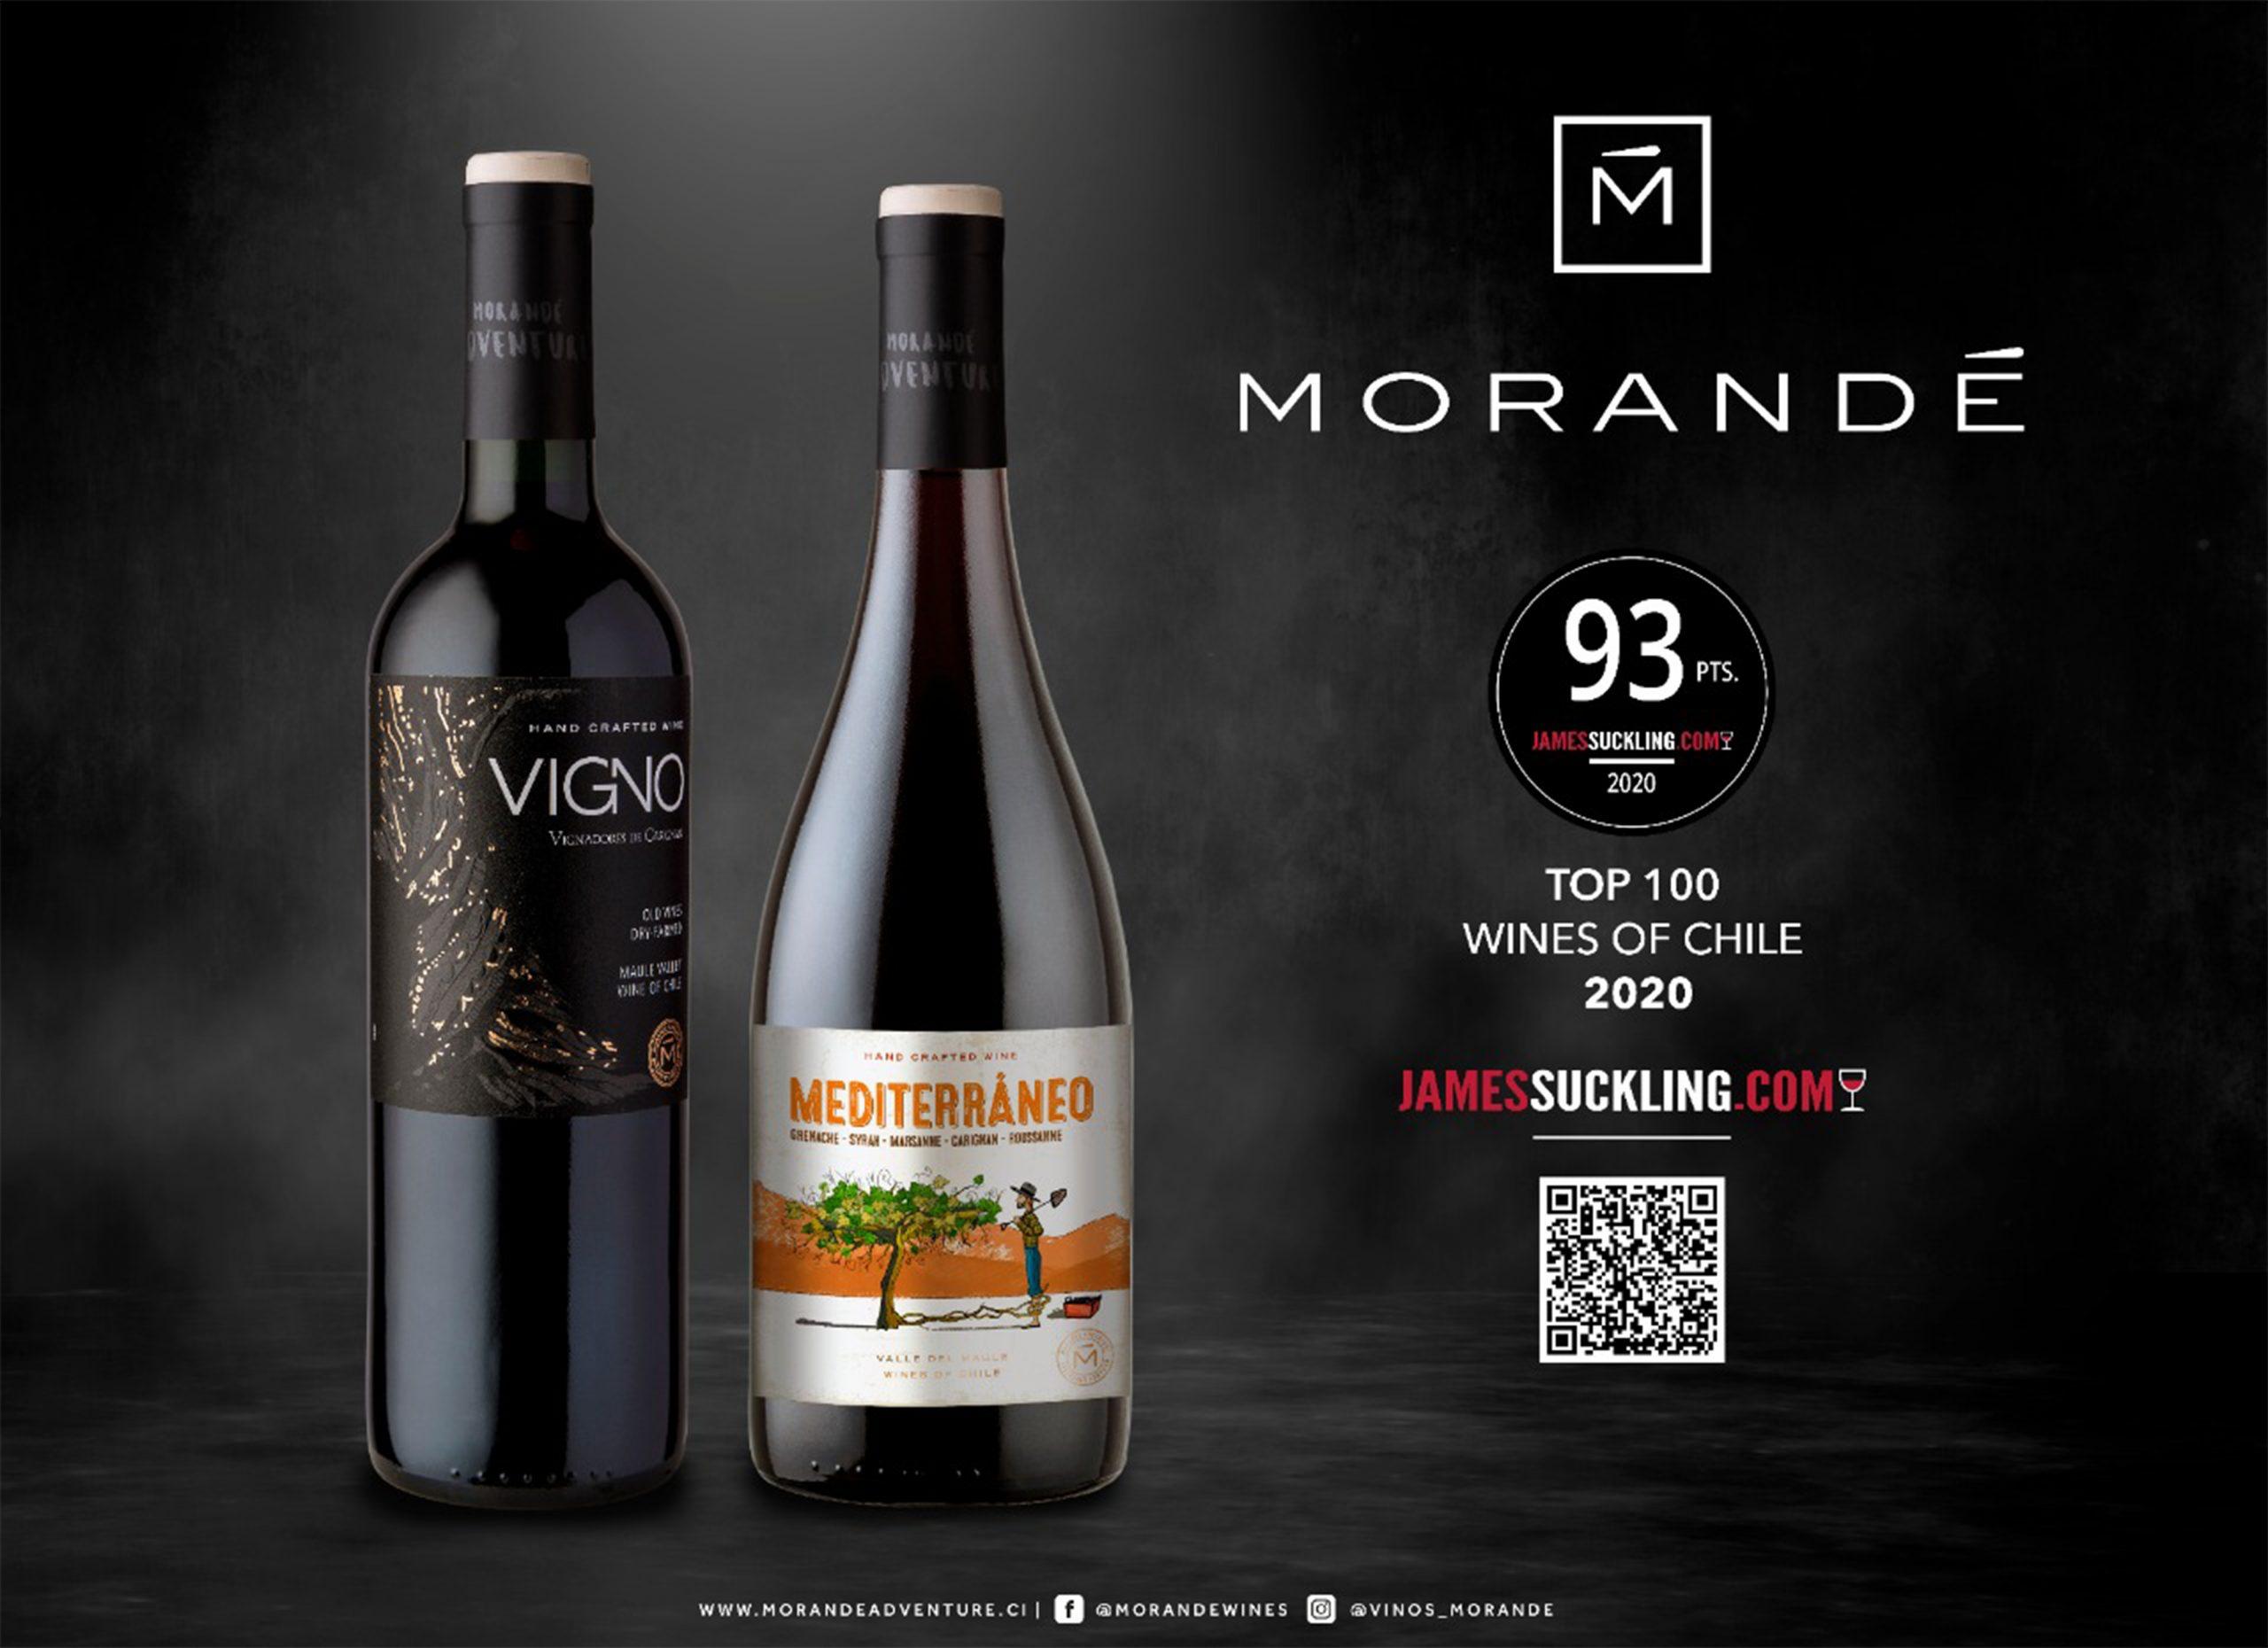 James Suckling incluye dos notables vinos de Viña Morandé en su reciente informe de los Top 100 vinos chilenos